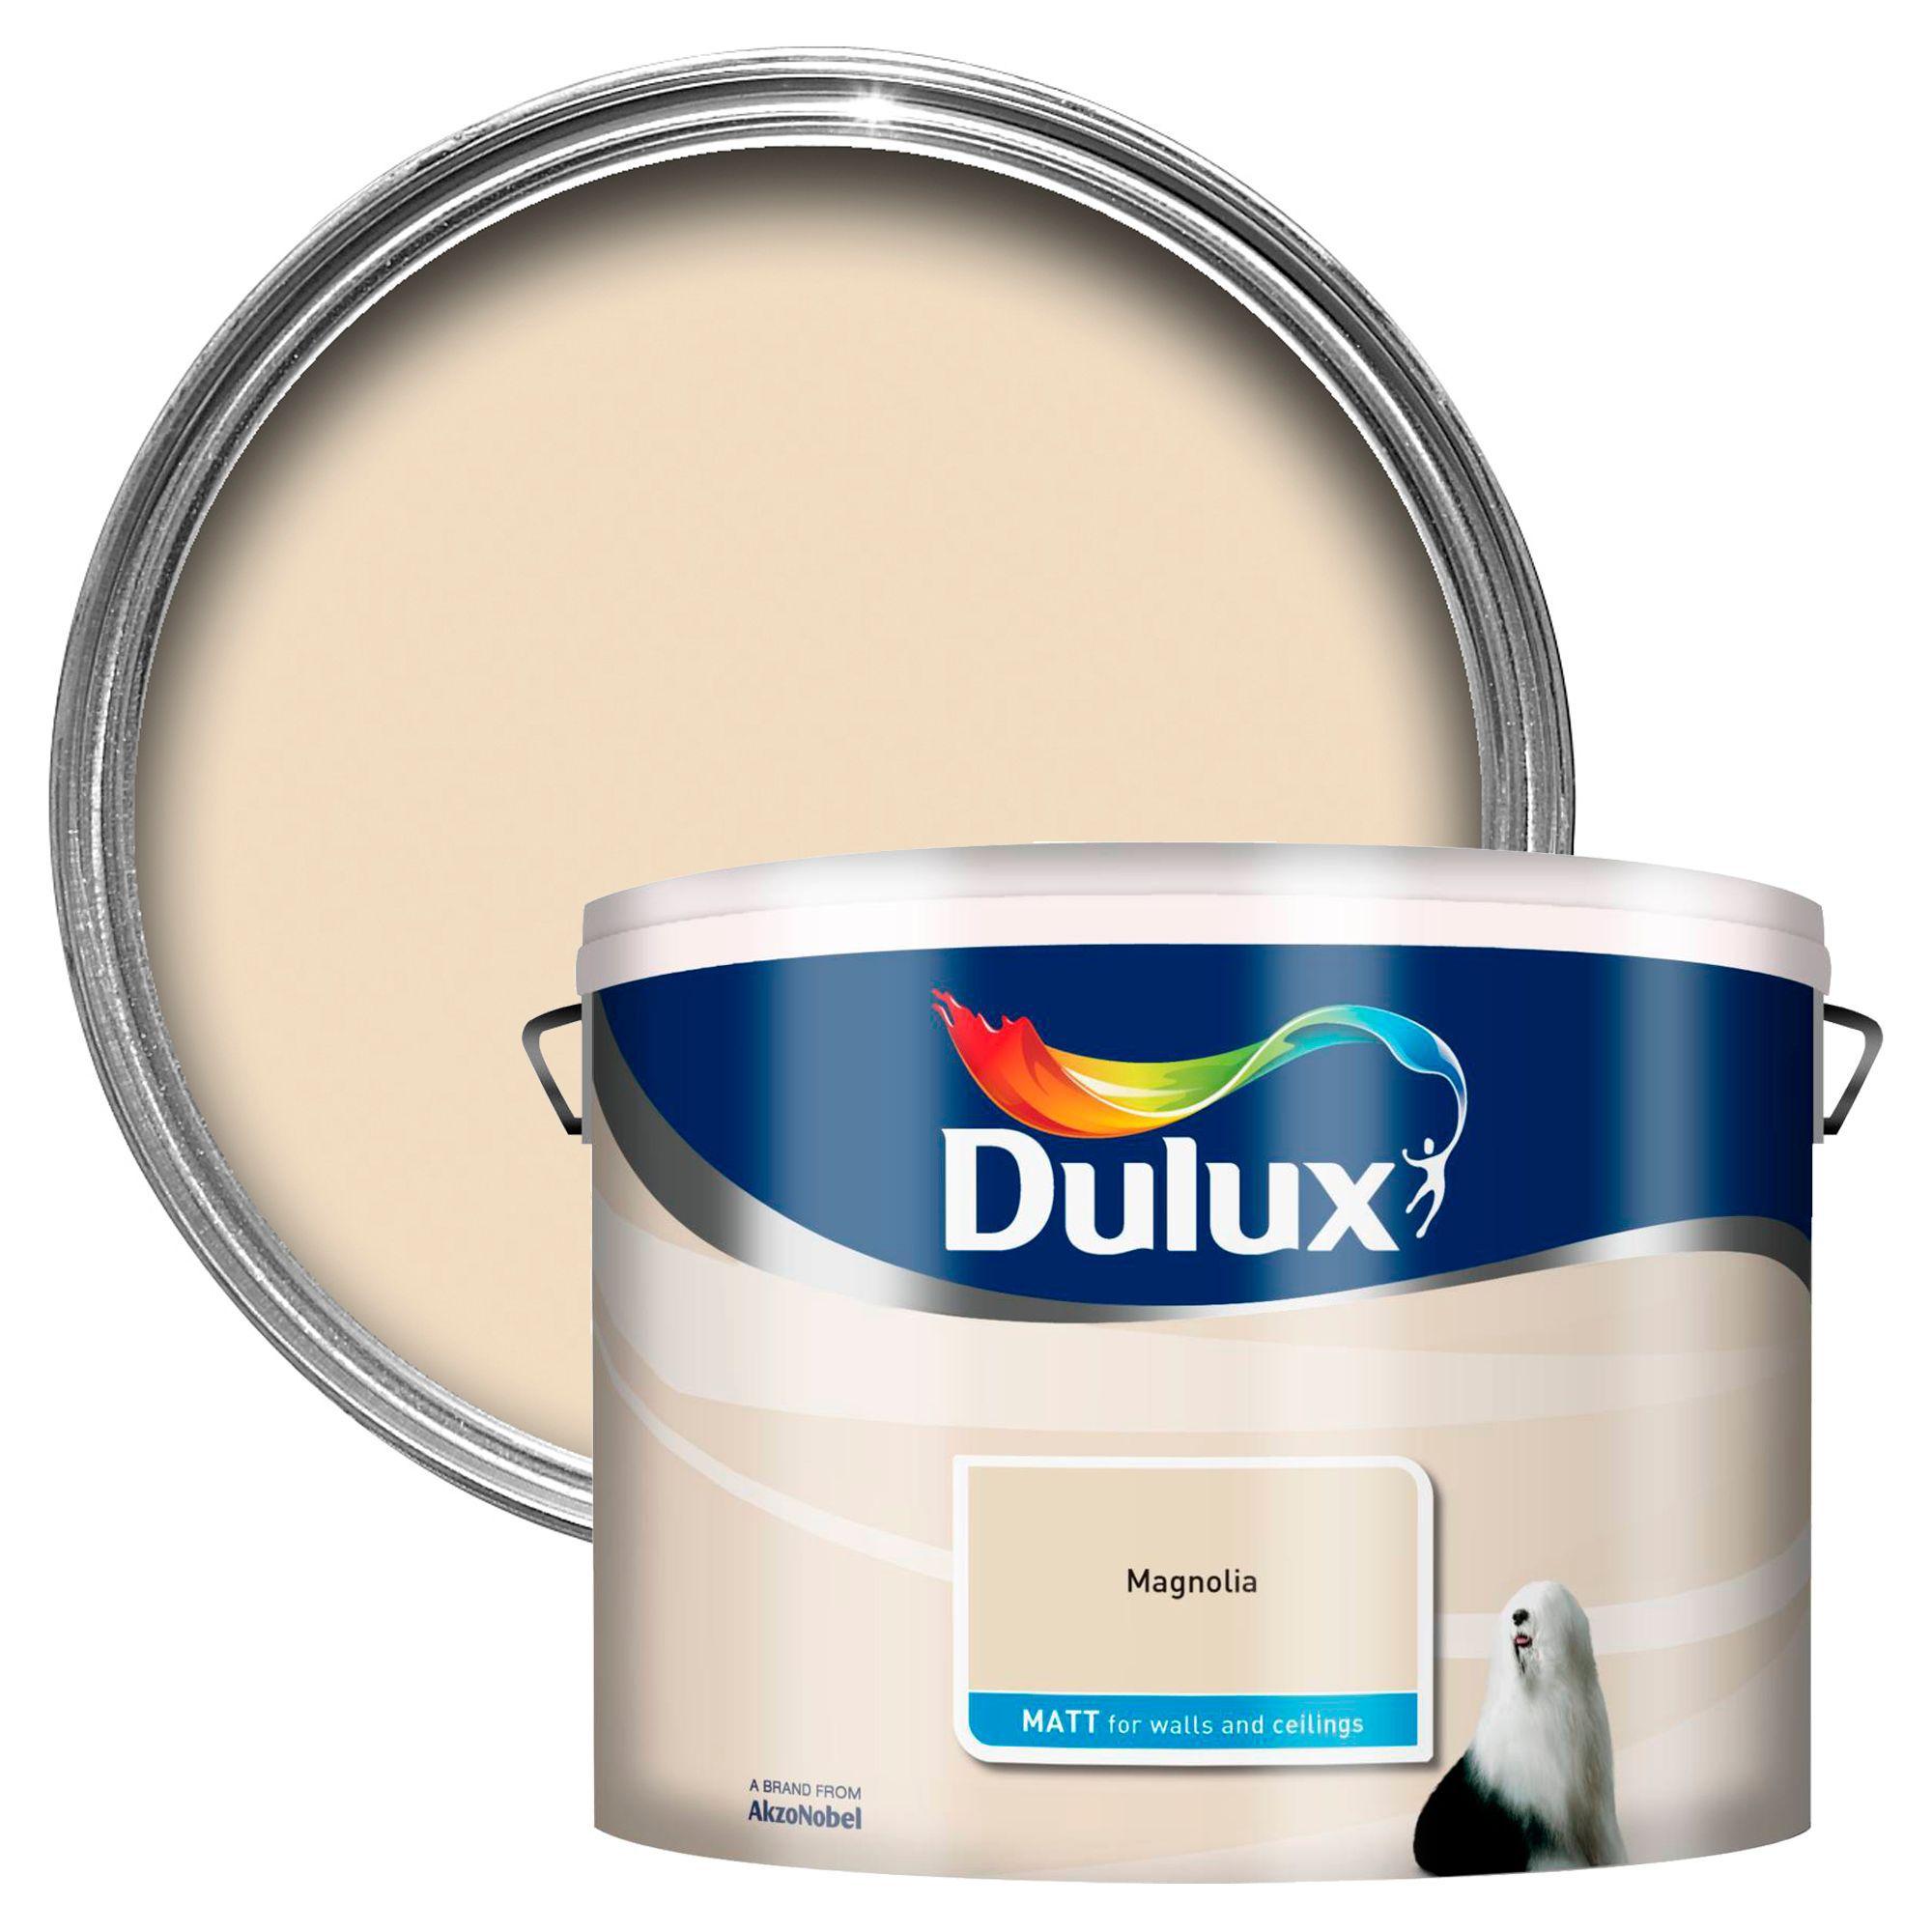 Dulux Magnolia Matt Emulsion paint 10L | Departments | DIY at B&Q